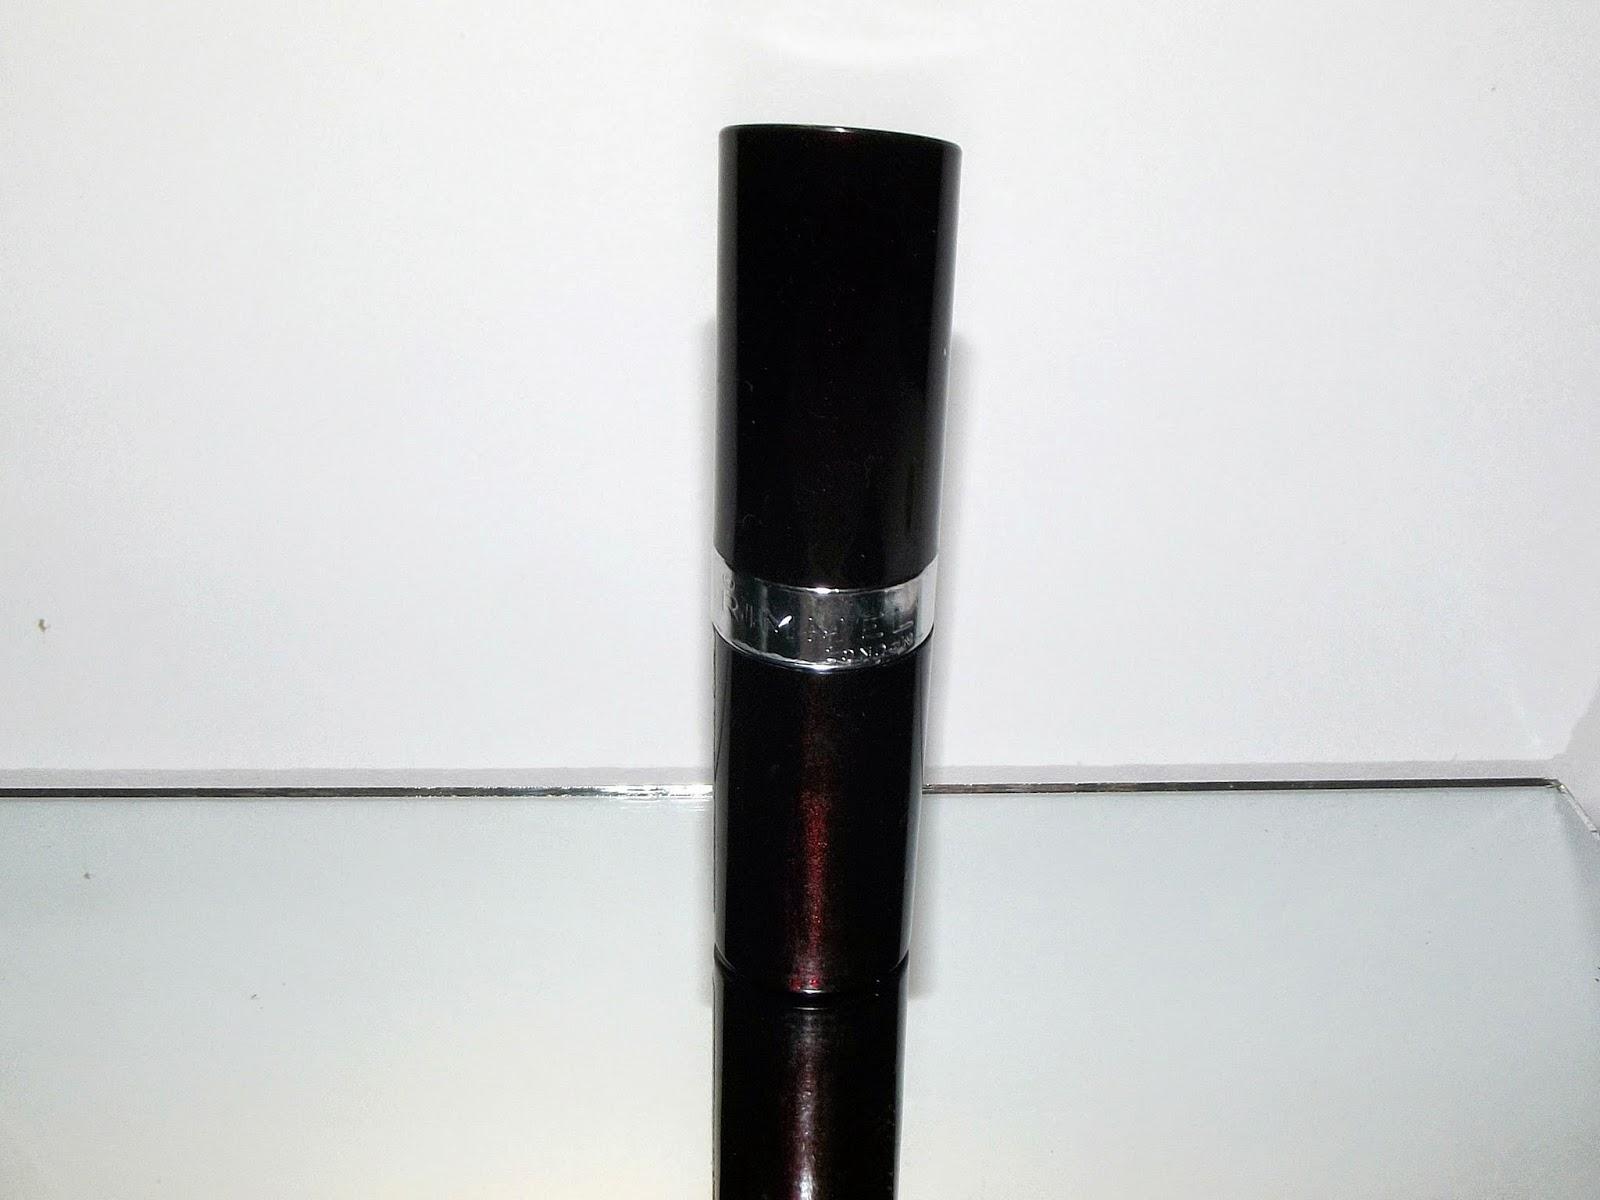 Rimel, Lasting Finish Lipstick